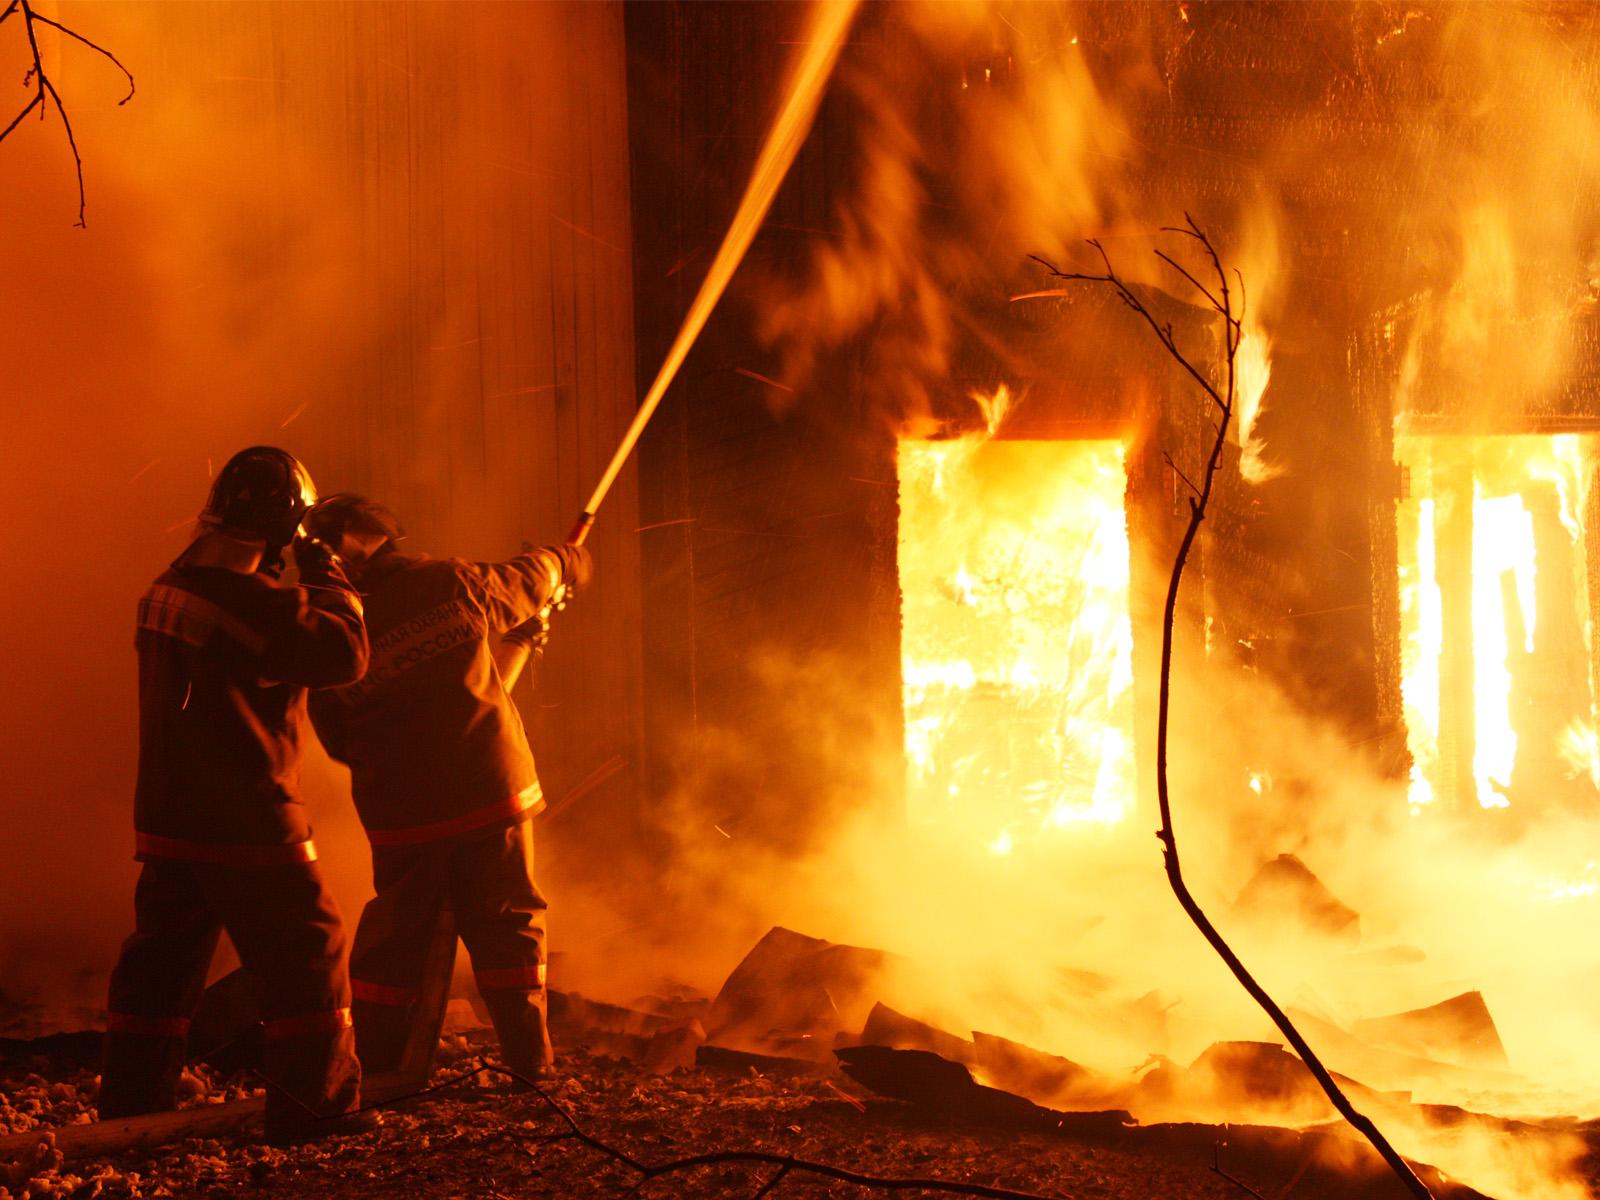 ВУфе водном изкафе произошёл крупный пожар